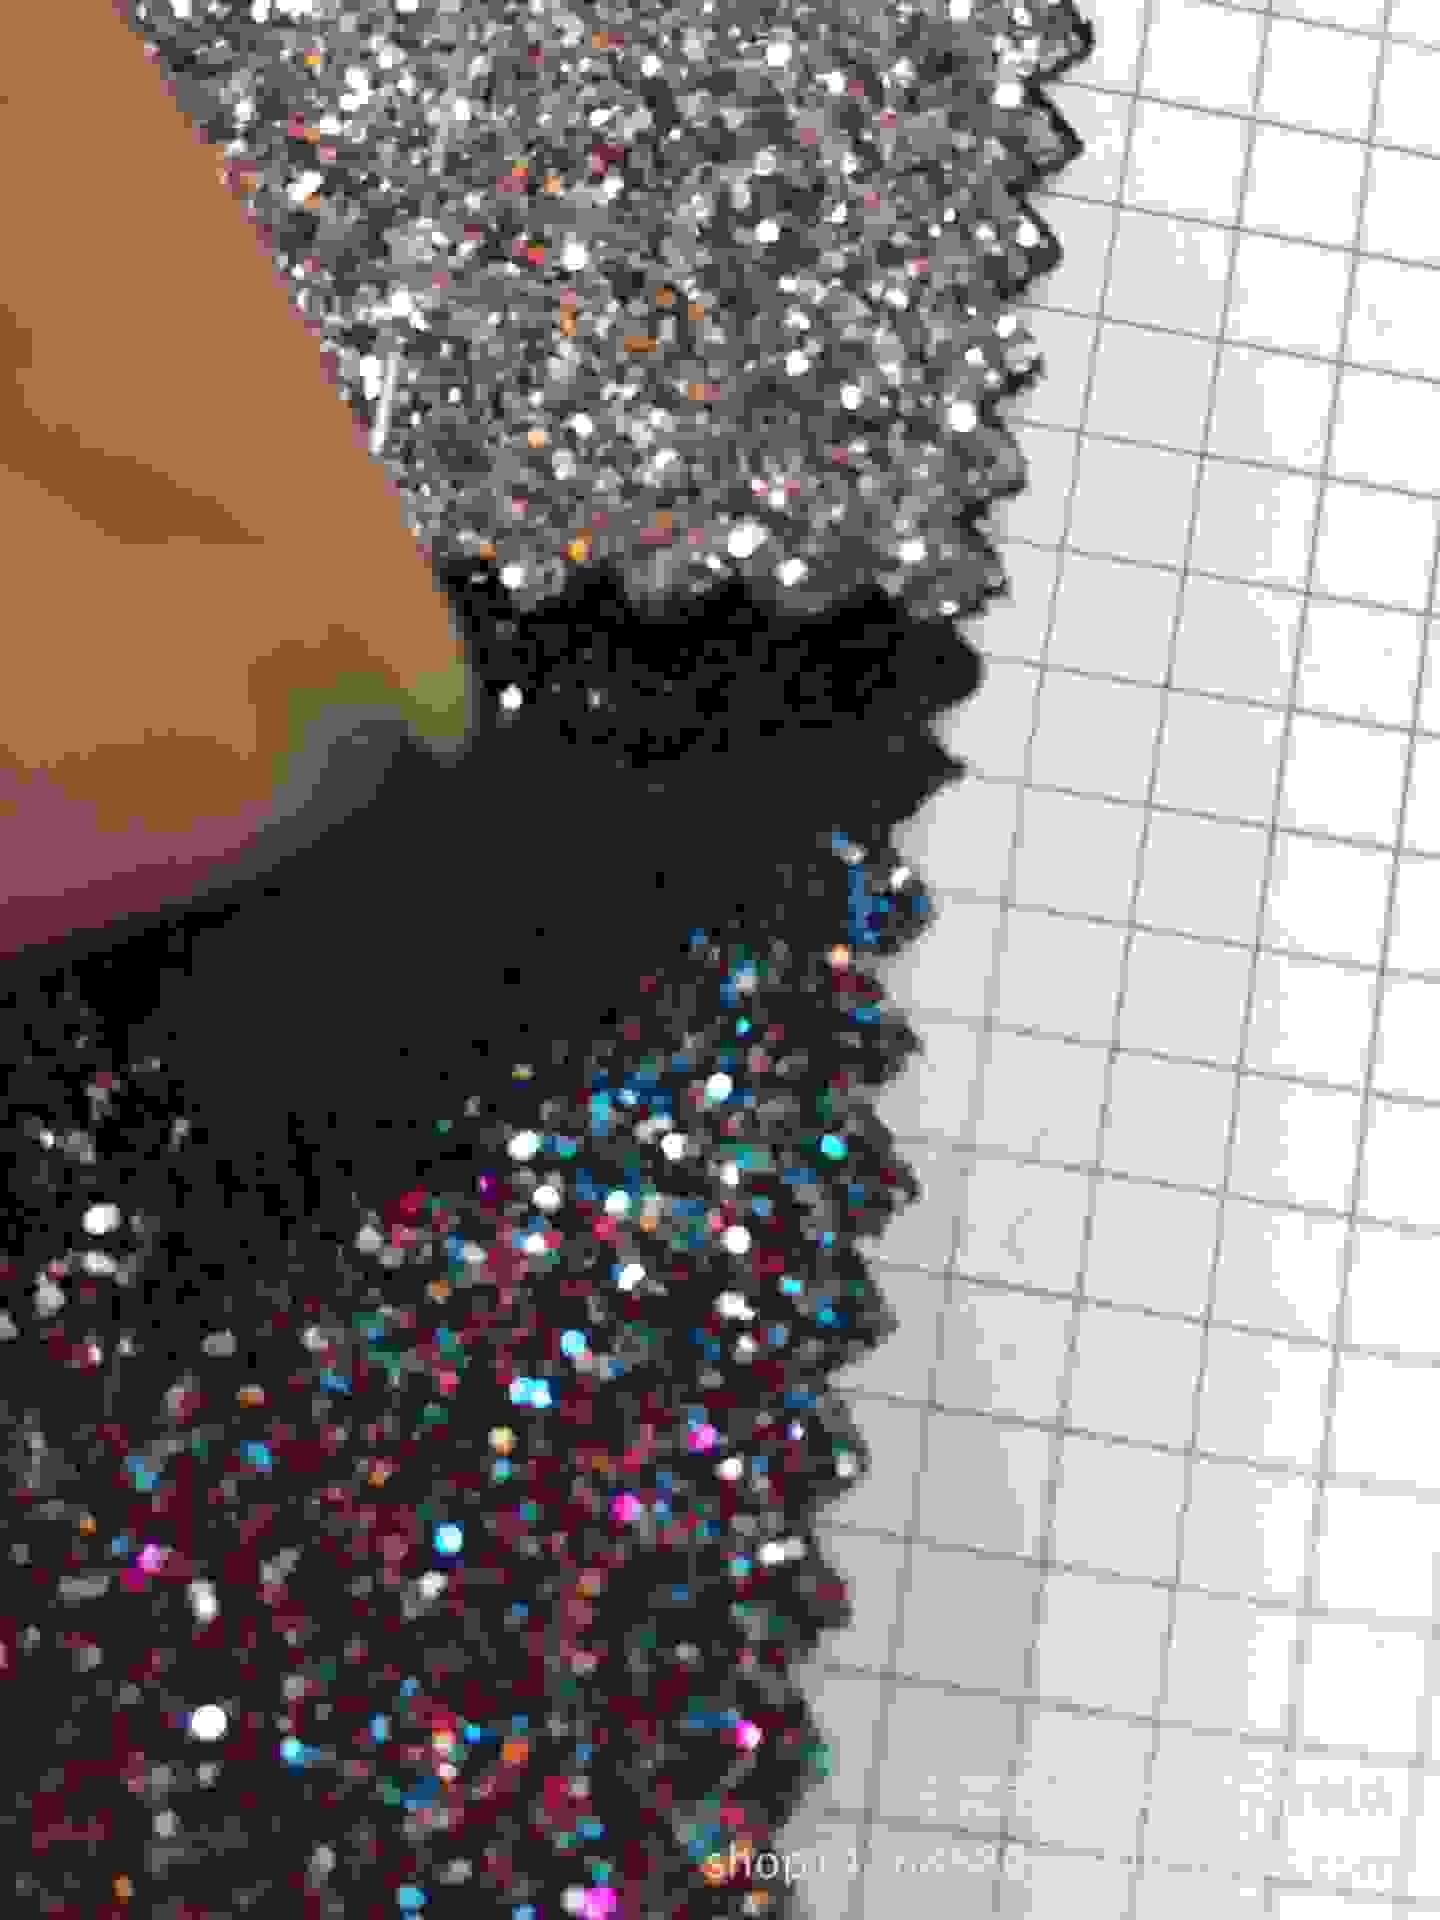 闪光防伪特殊厂家烟花金葱闪粉常规pu革皮革供应标签图片